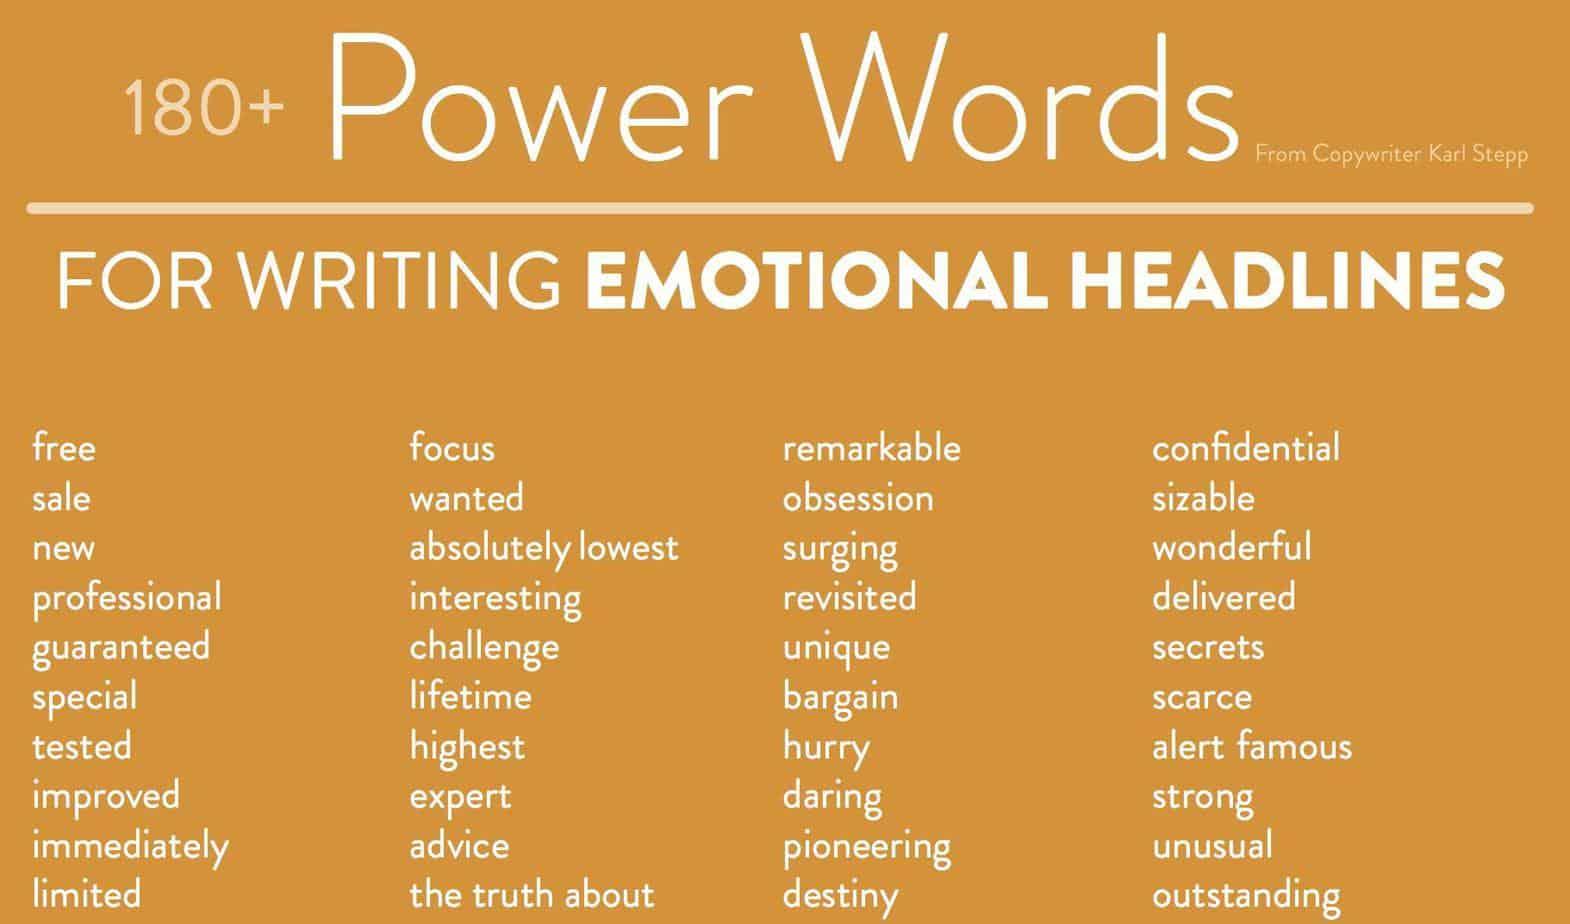 érzelemre ható szavak a cikk címében